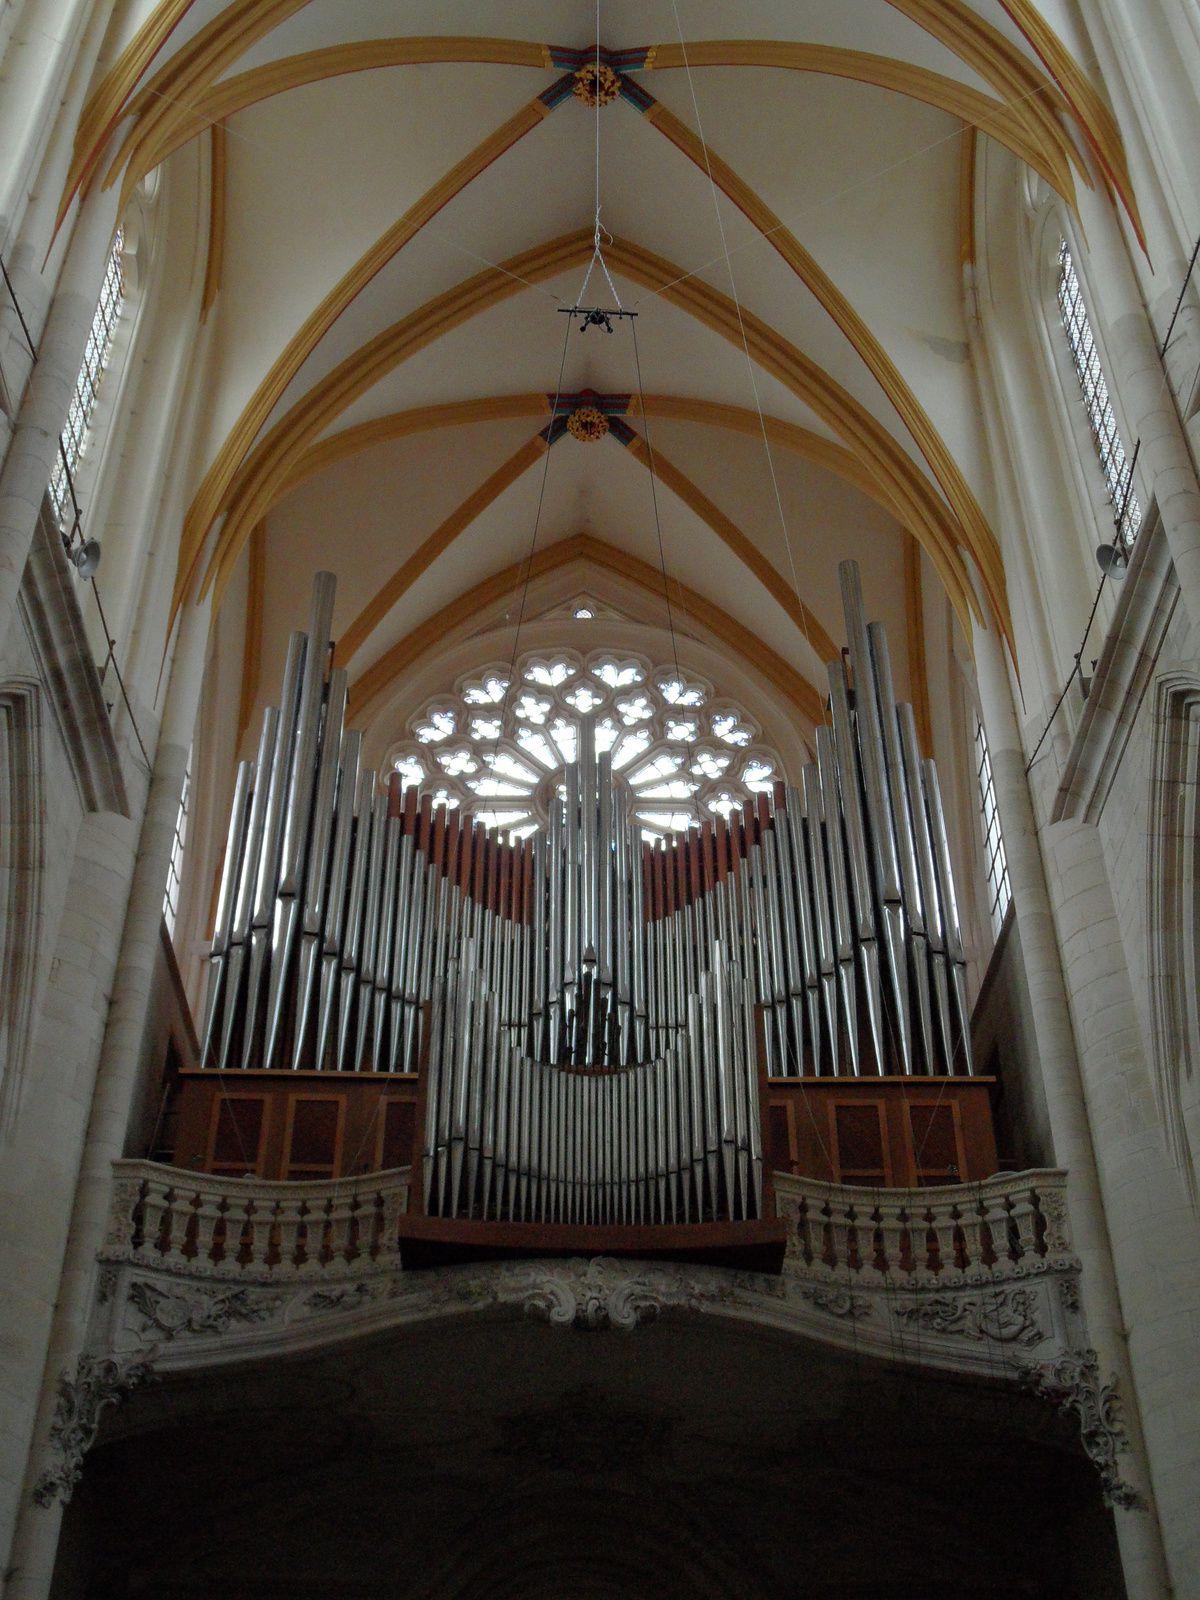 Façade du Grand-Orgue restauré (crédit photo : Stéphane Godet)